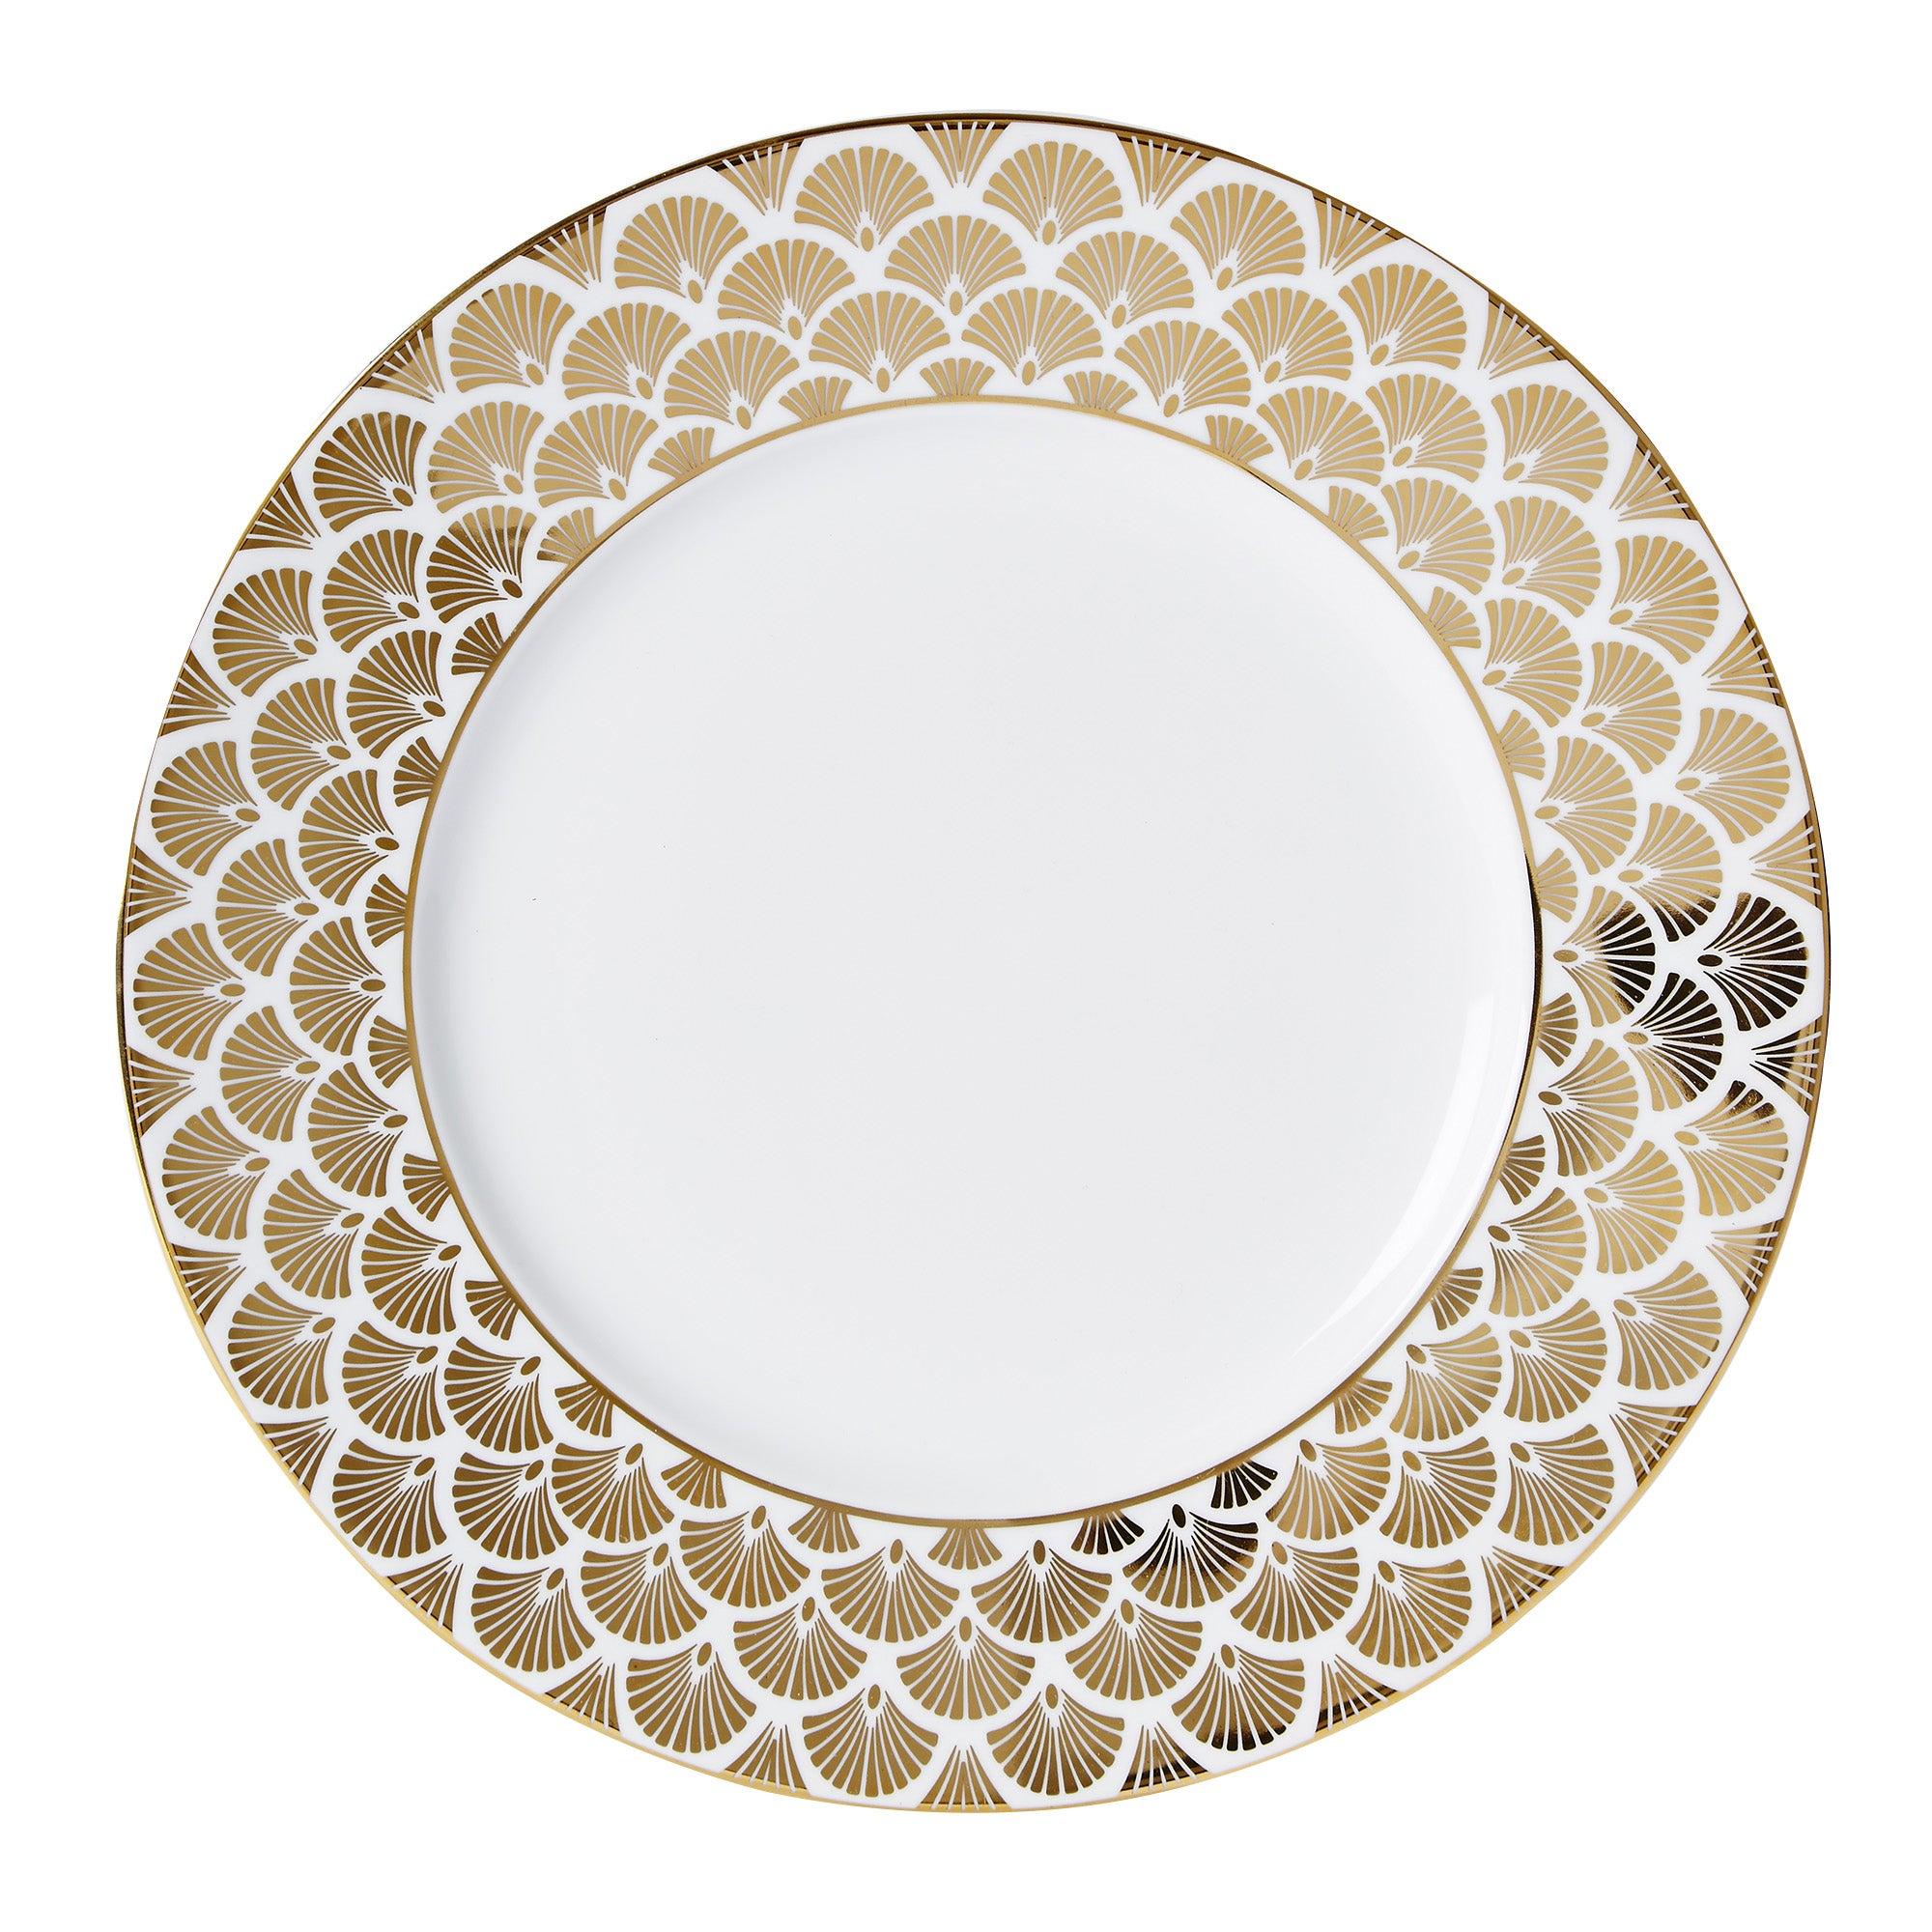 5A Fifth Avenue Bergen Gold Dinner Plate Gold